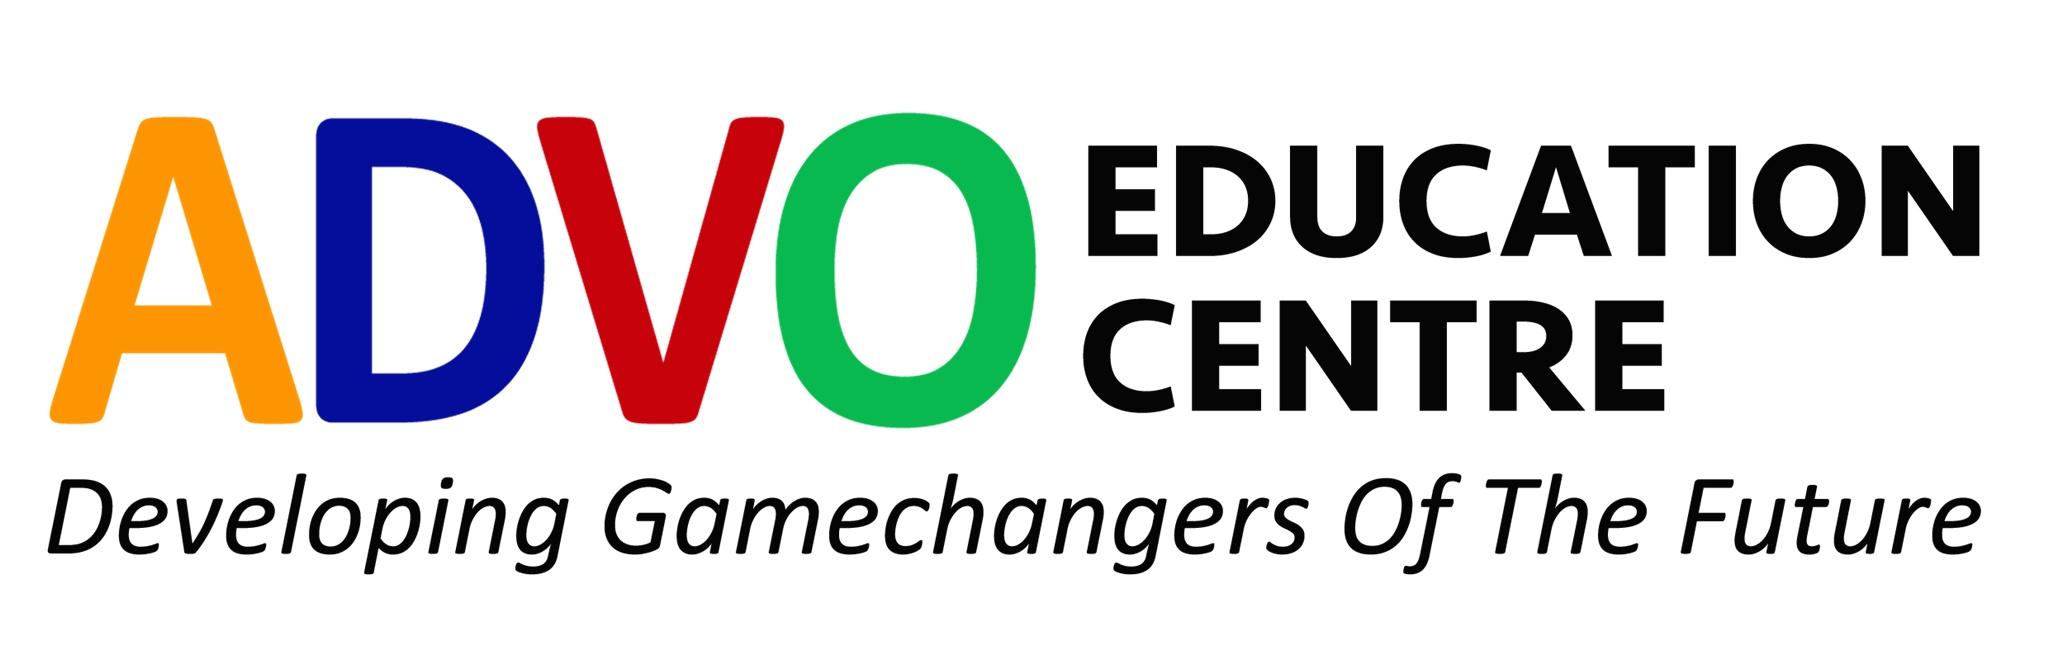 Advo Education Centre Pte Ltd